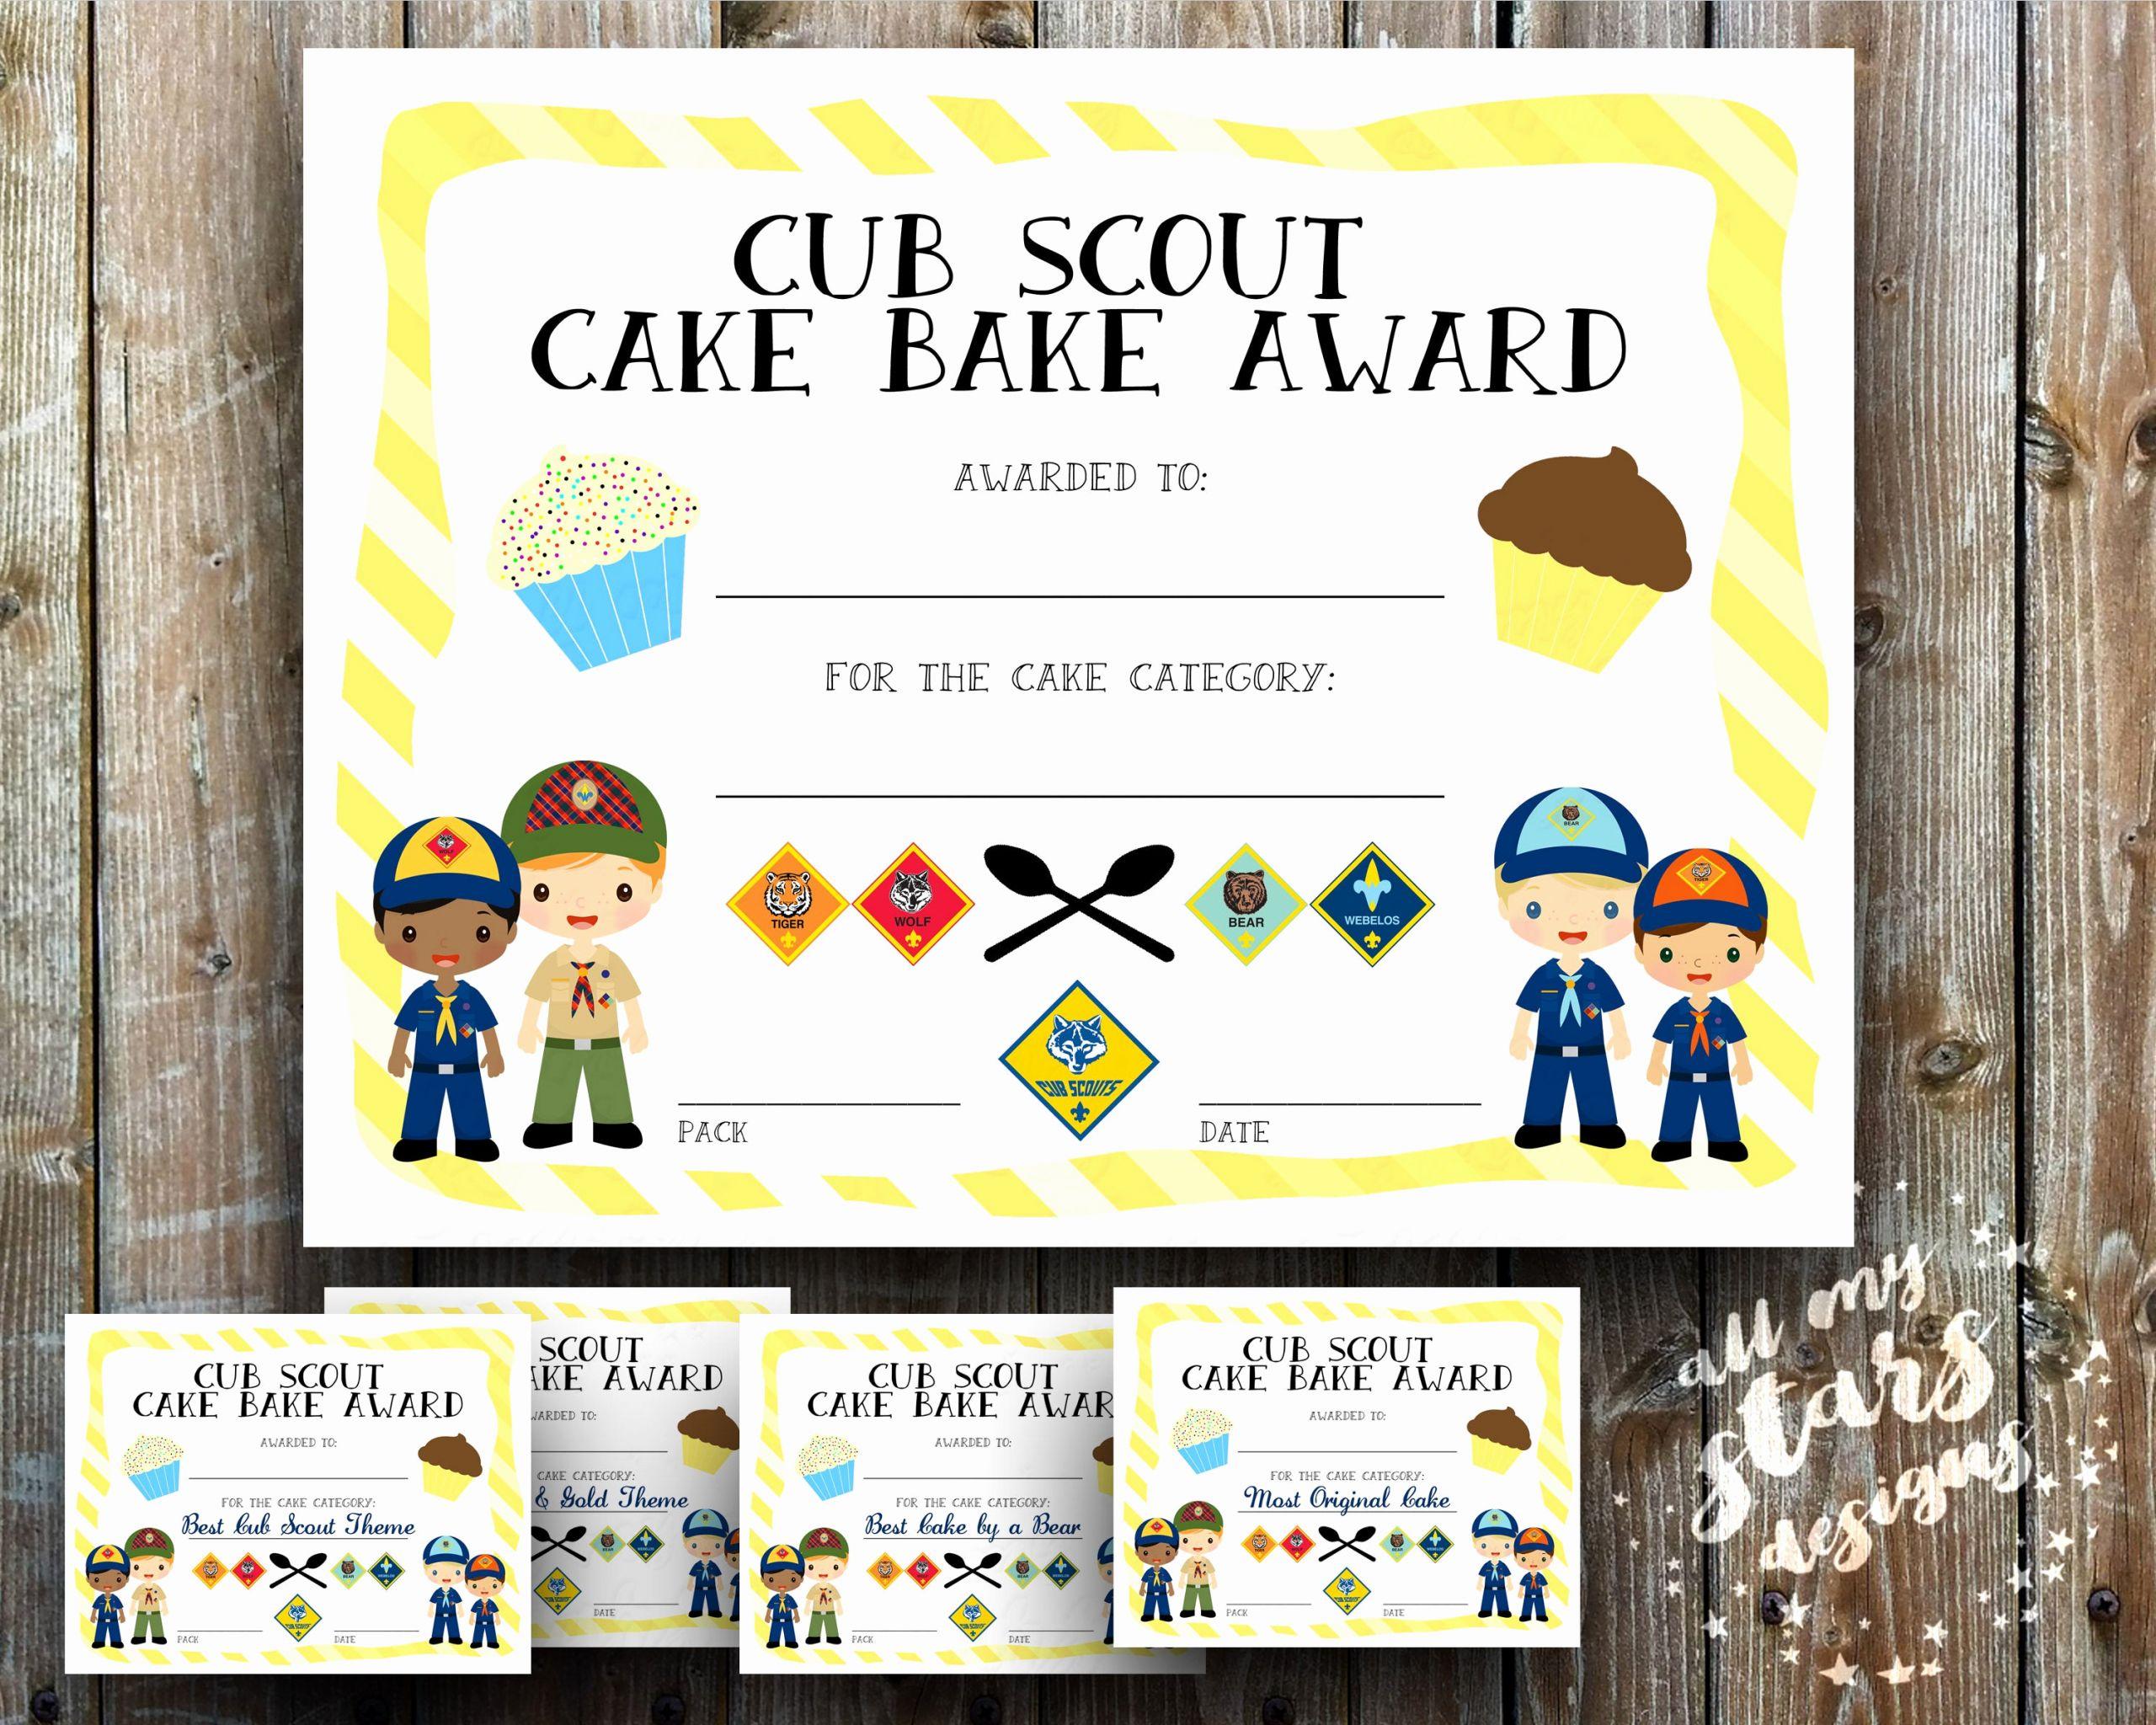 Cub Scout Certificate Template Beautiful Cub Scout Cake Bake Award Certificate Pack 8 5x11 Jpg